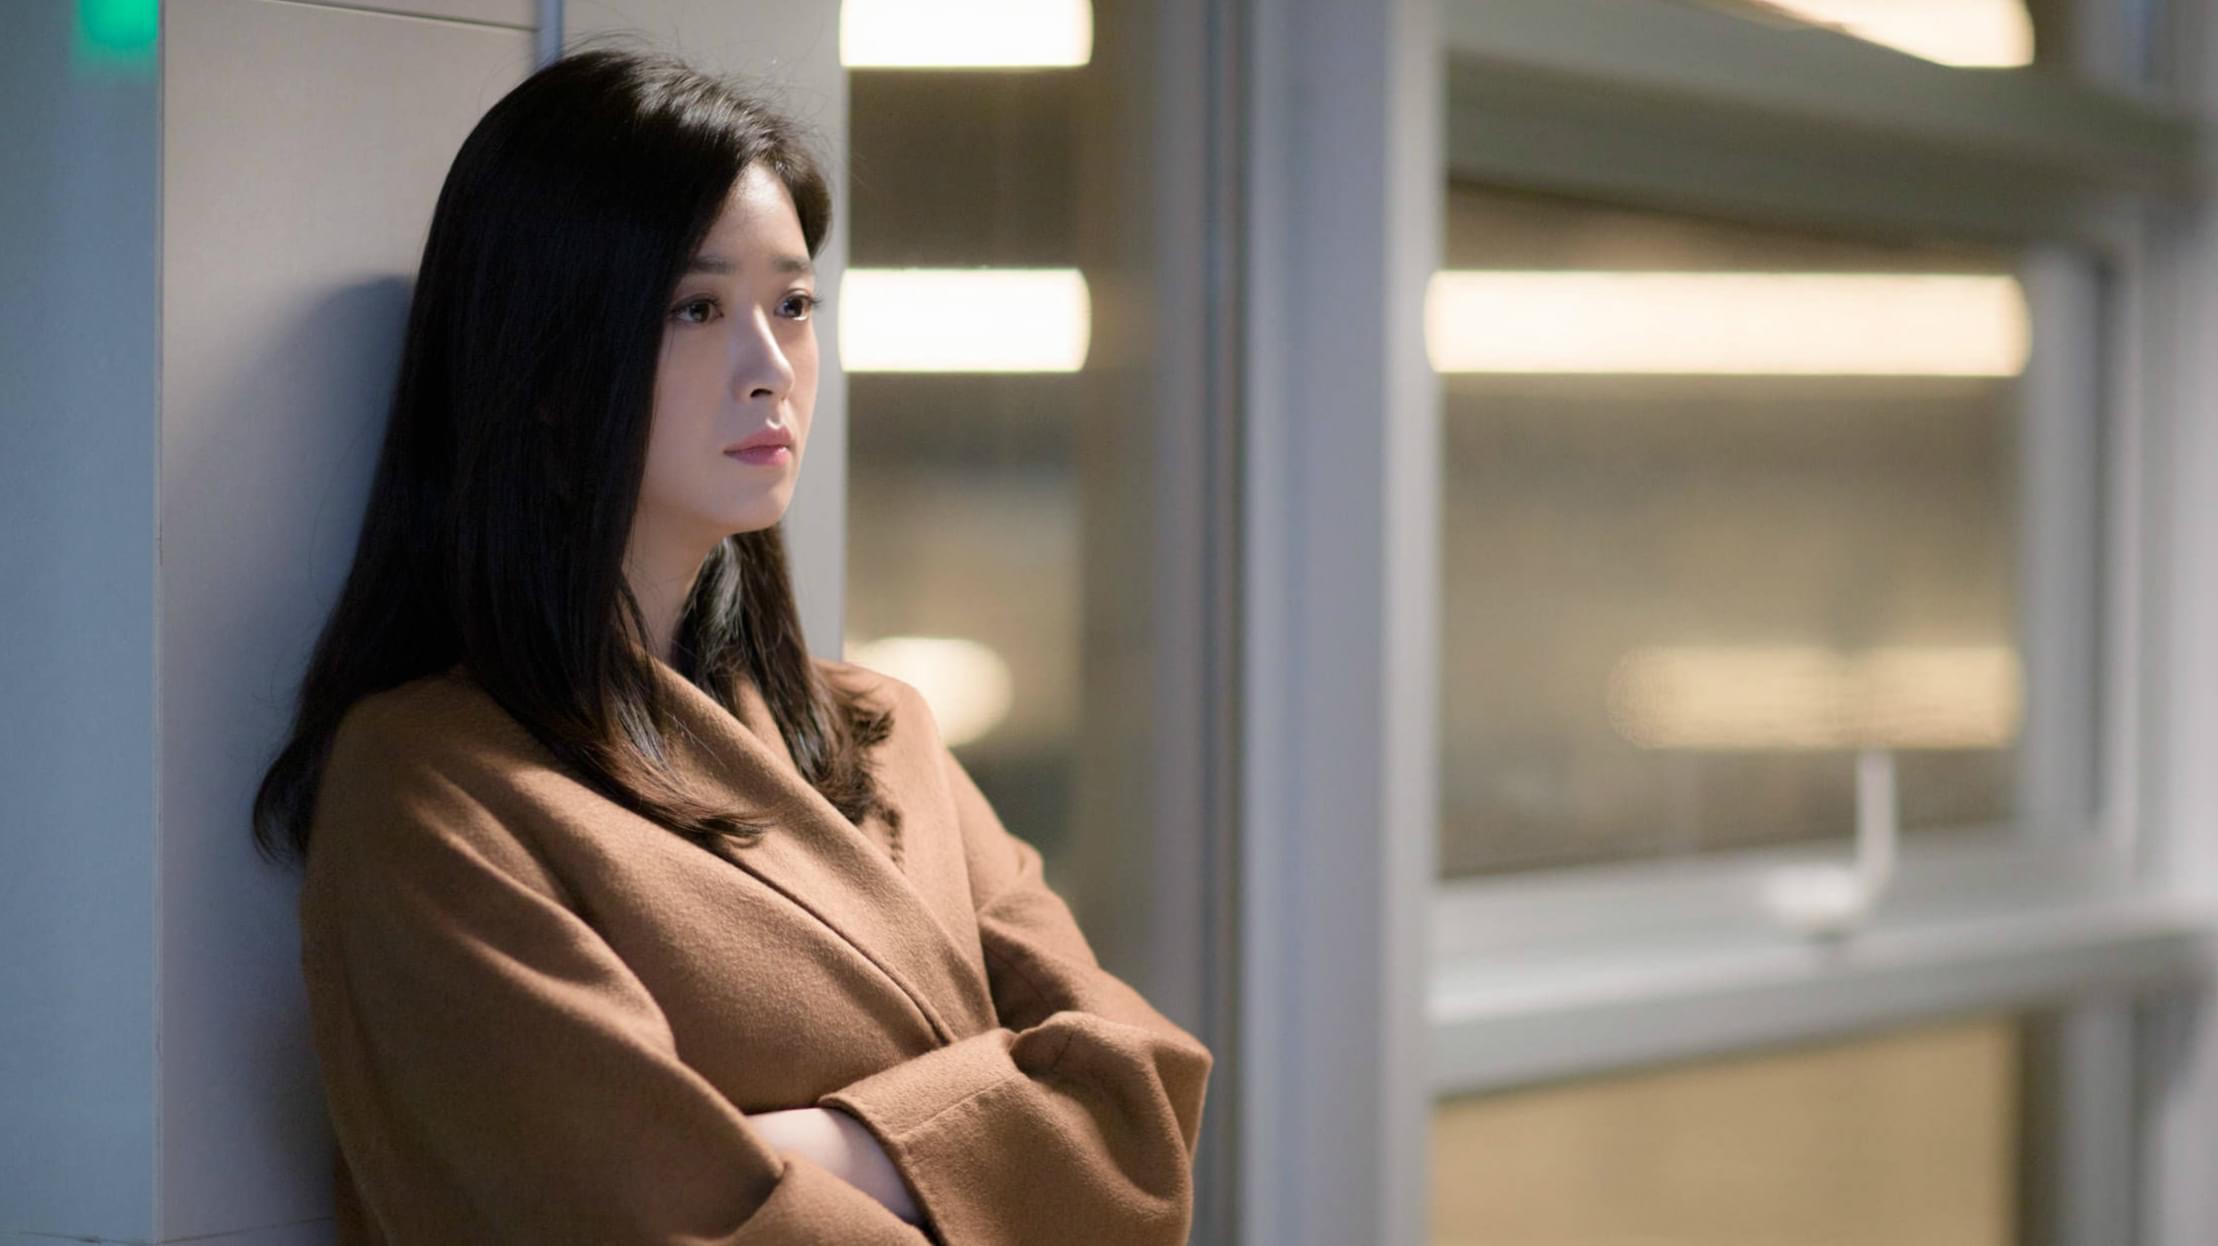 打工妹成香奈儿模特,日本扫地大妈成国宝级匠人